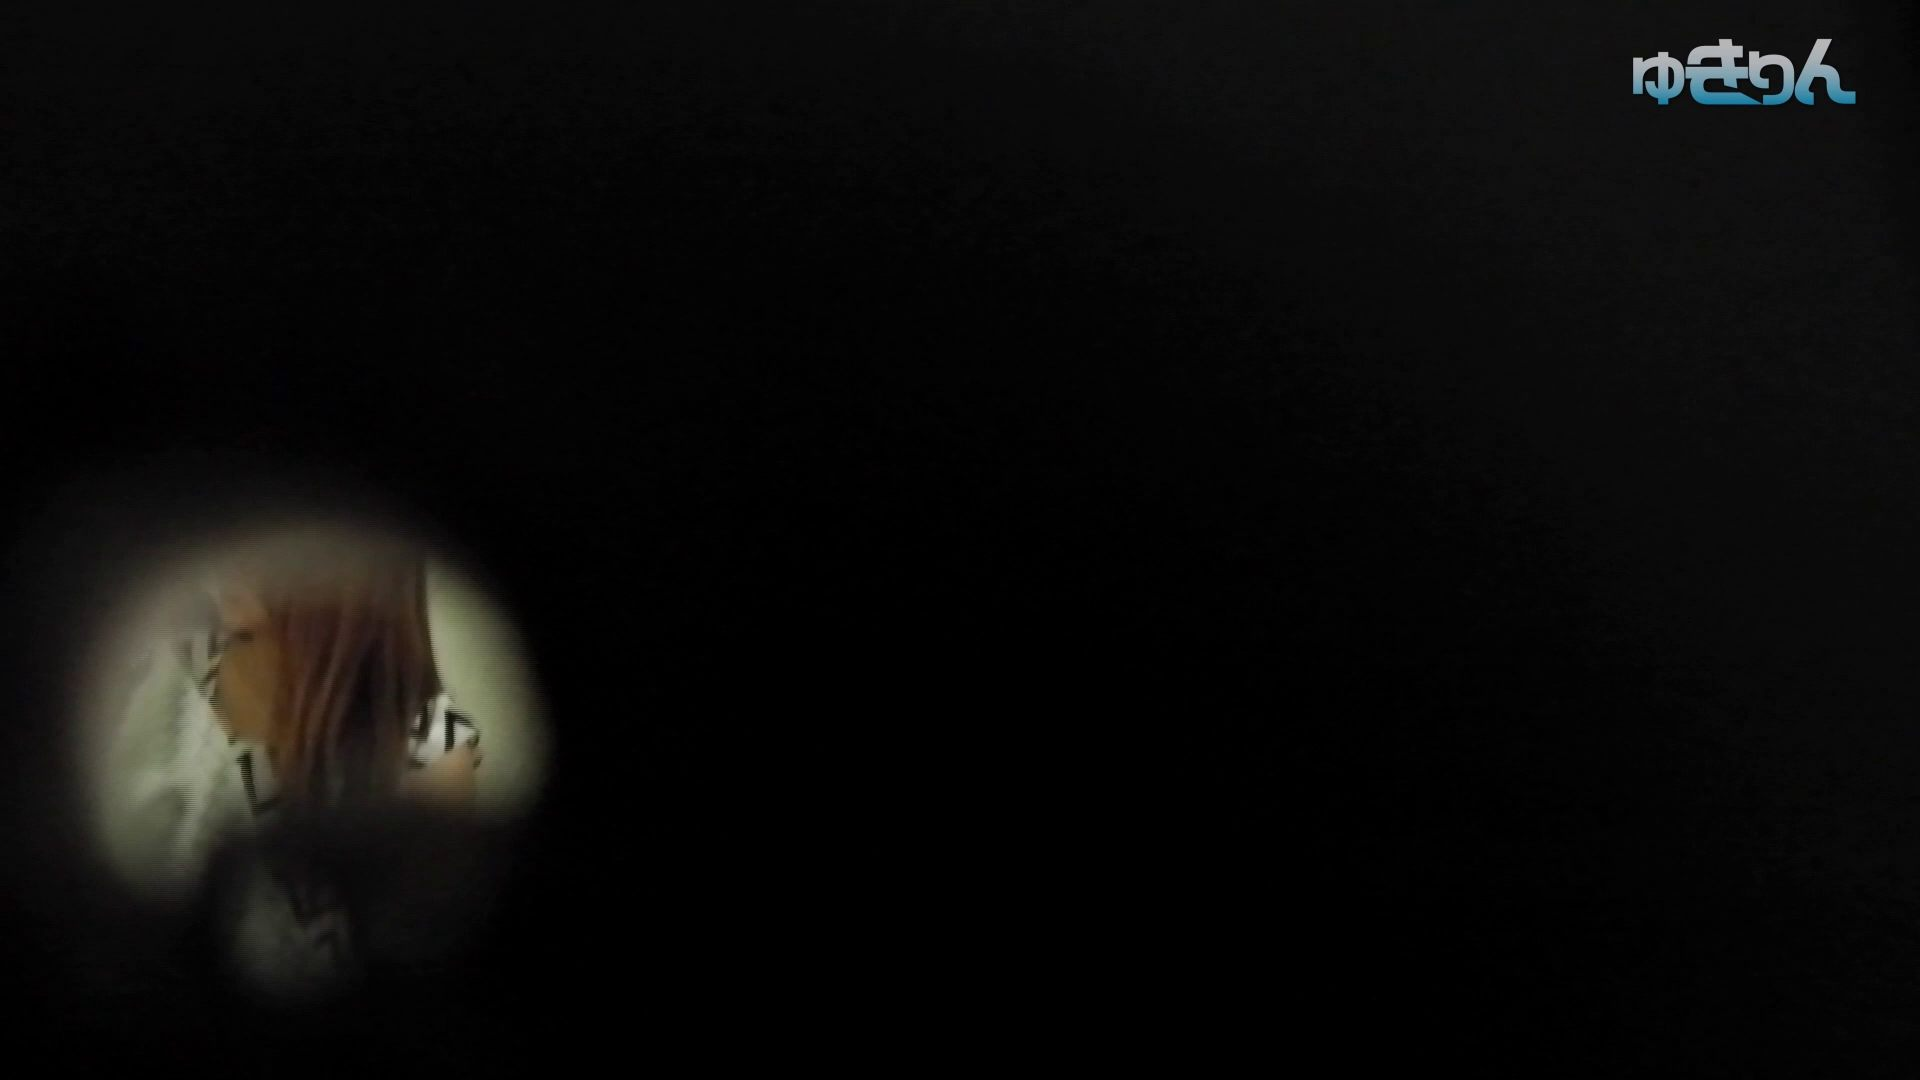 ステーション編 vol54 便秘のせいで長蛇の列、じっくり撮らせて頂きました OLの実態 | 0  49pic 27